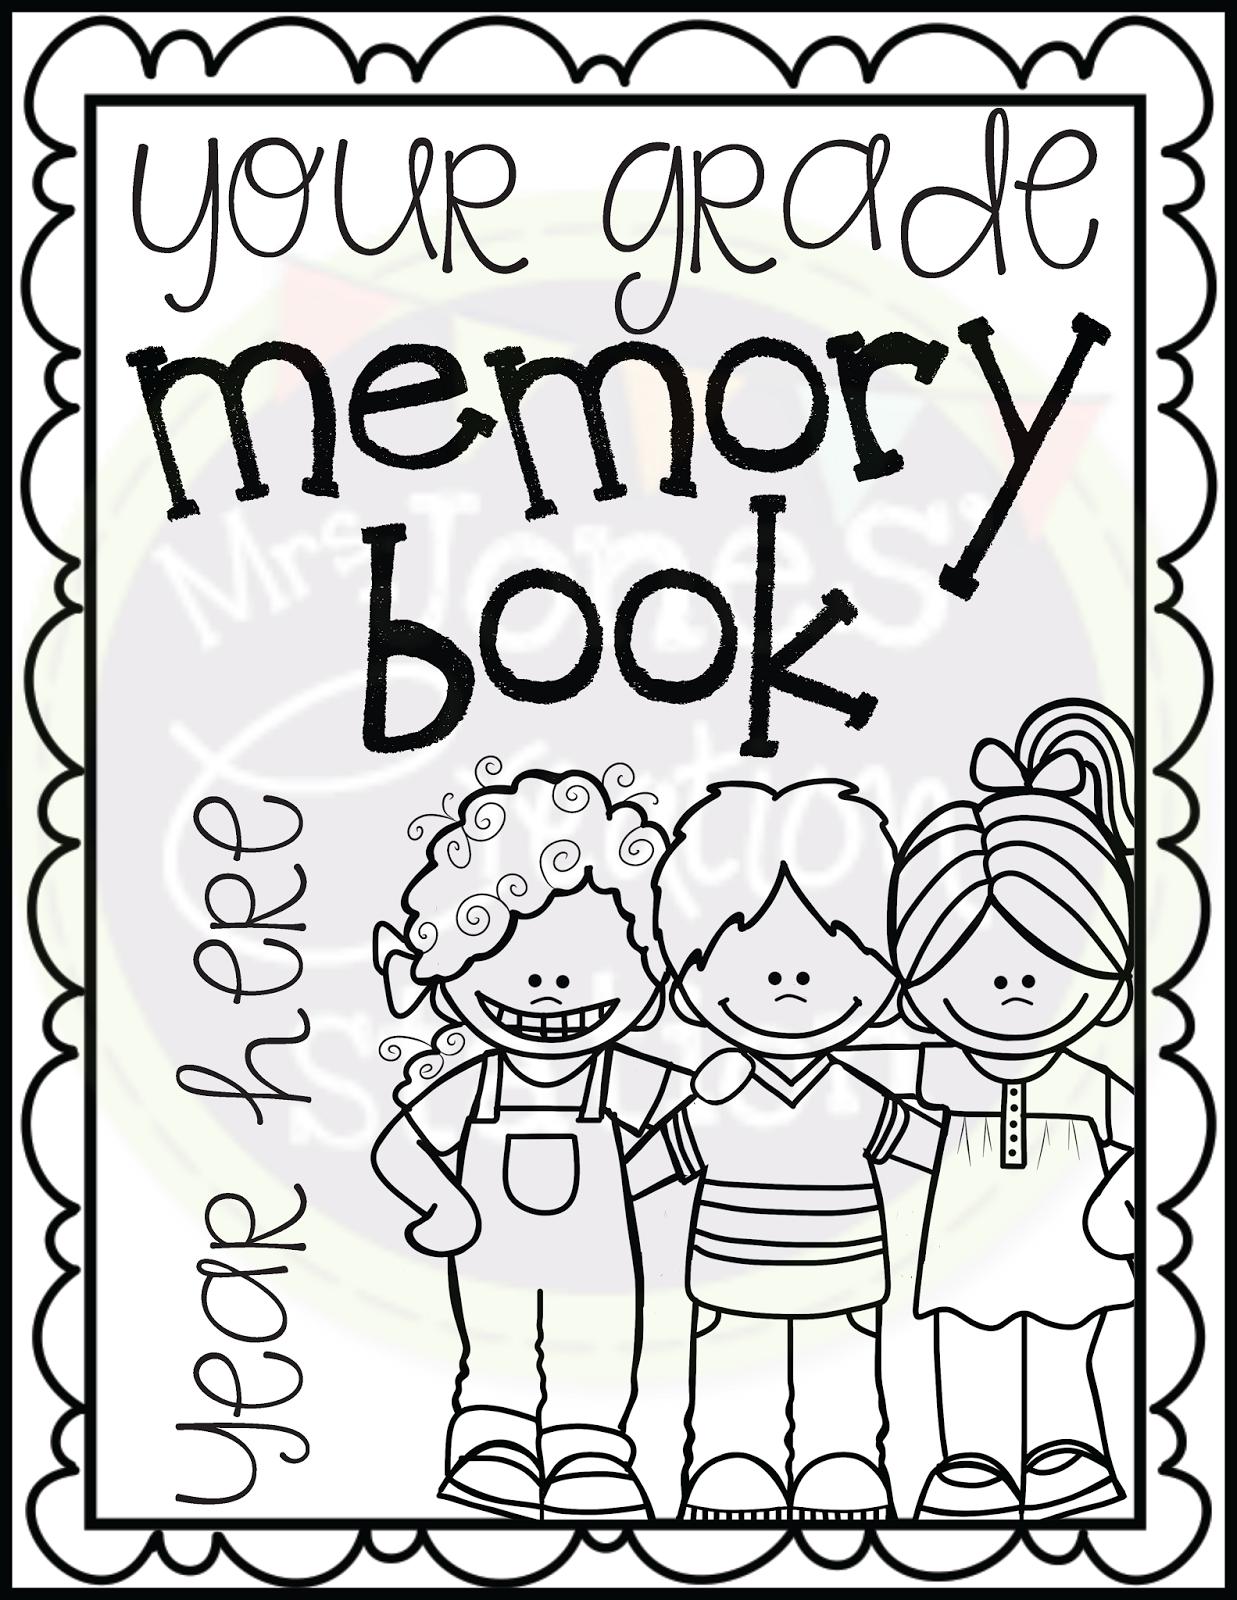 Windows 10 Product Activation Keys All Versions Preschool Memory Book Memory Book School Memory Book Kindergarten [ 1600 x 1237 Pixel ]